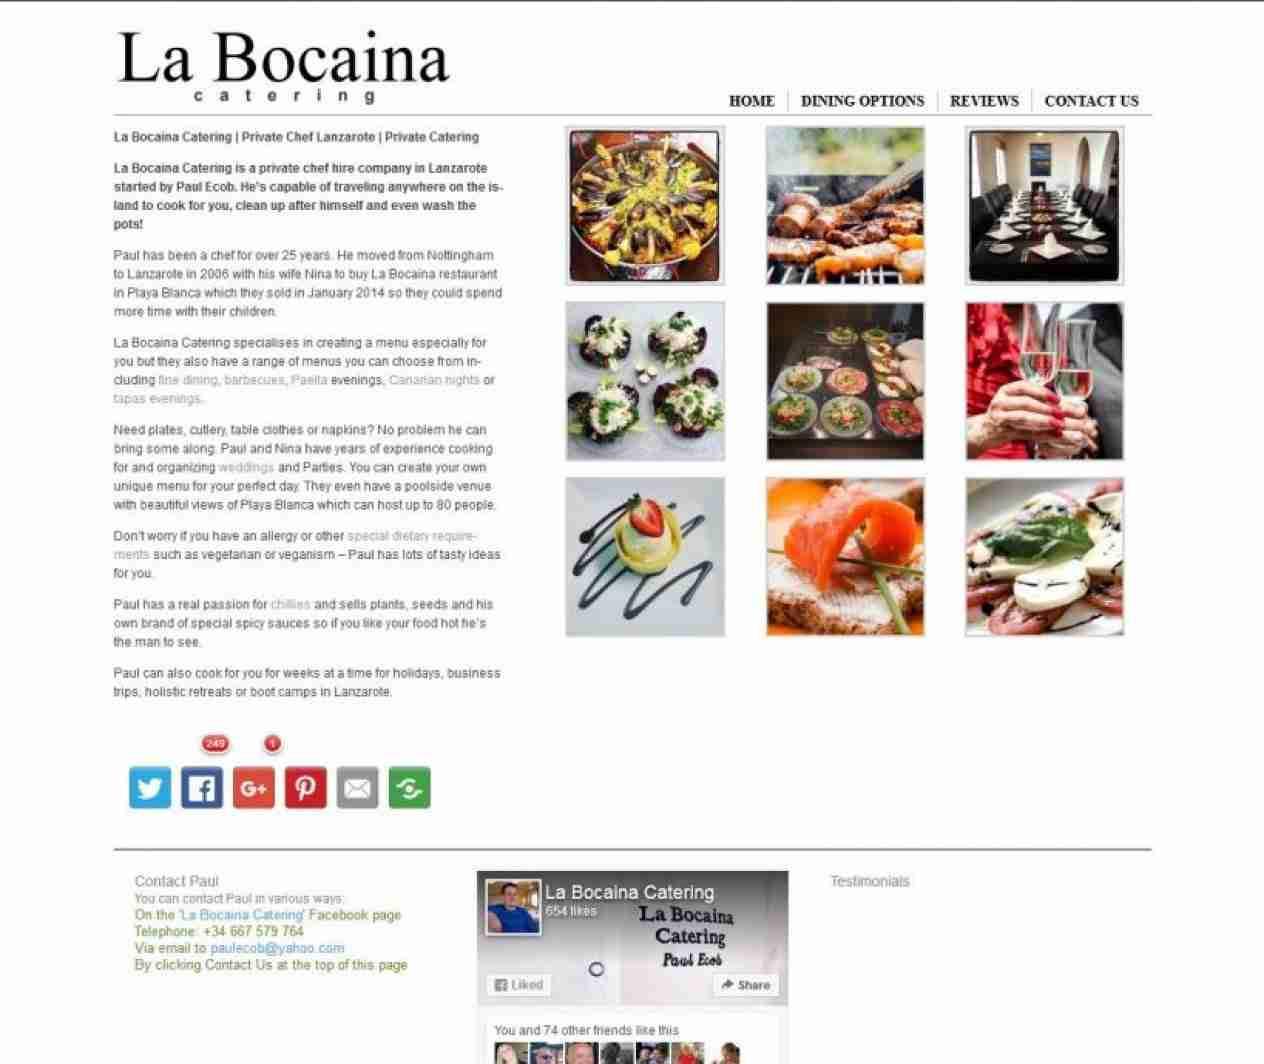 La Bocaina Catering